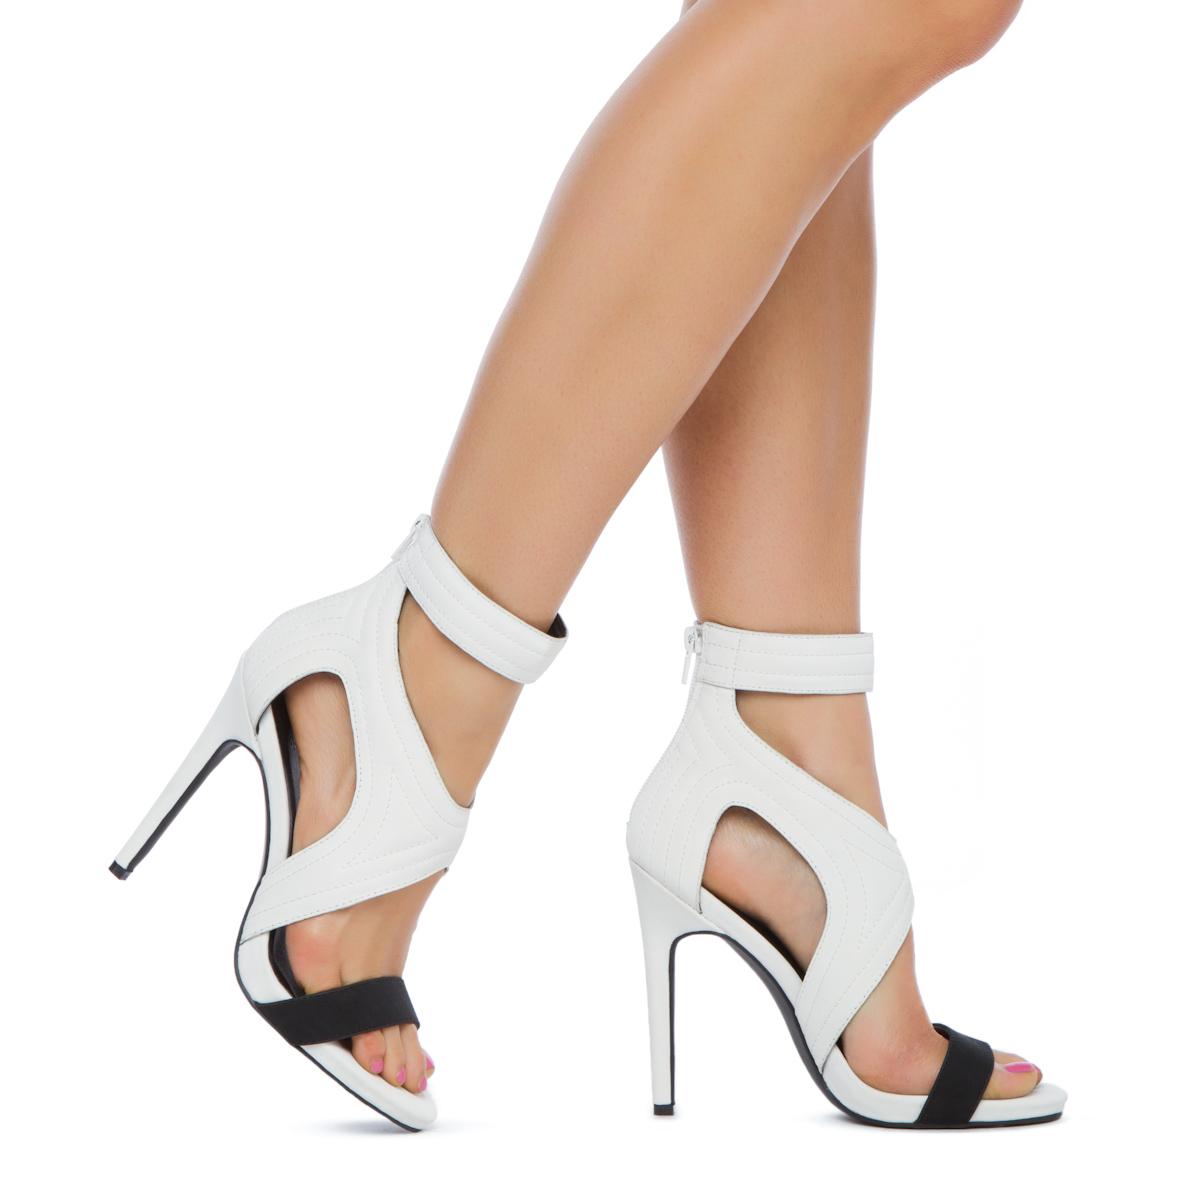 ShoeDazzle.com – Review of Shoe Dazzle | Shoe Club Reviews